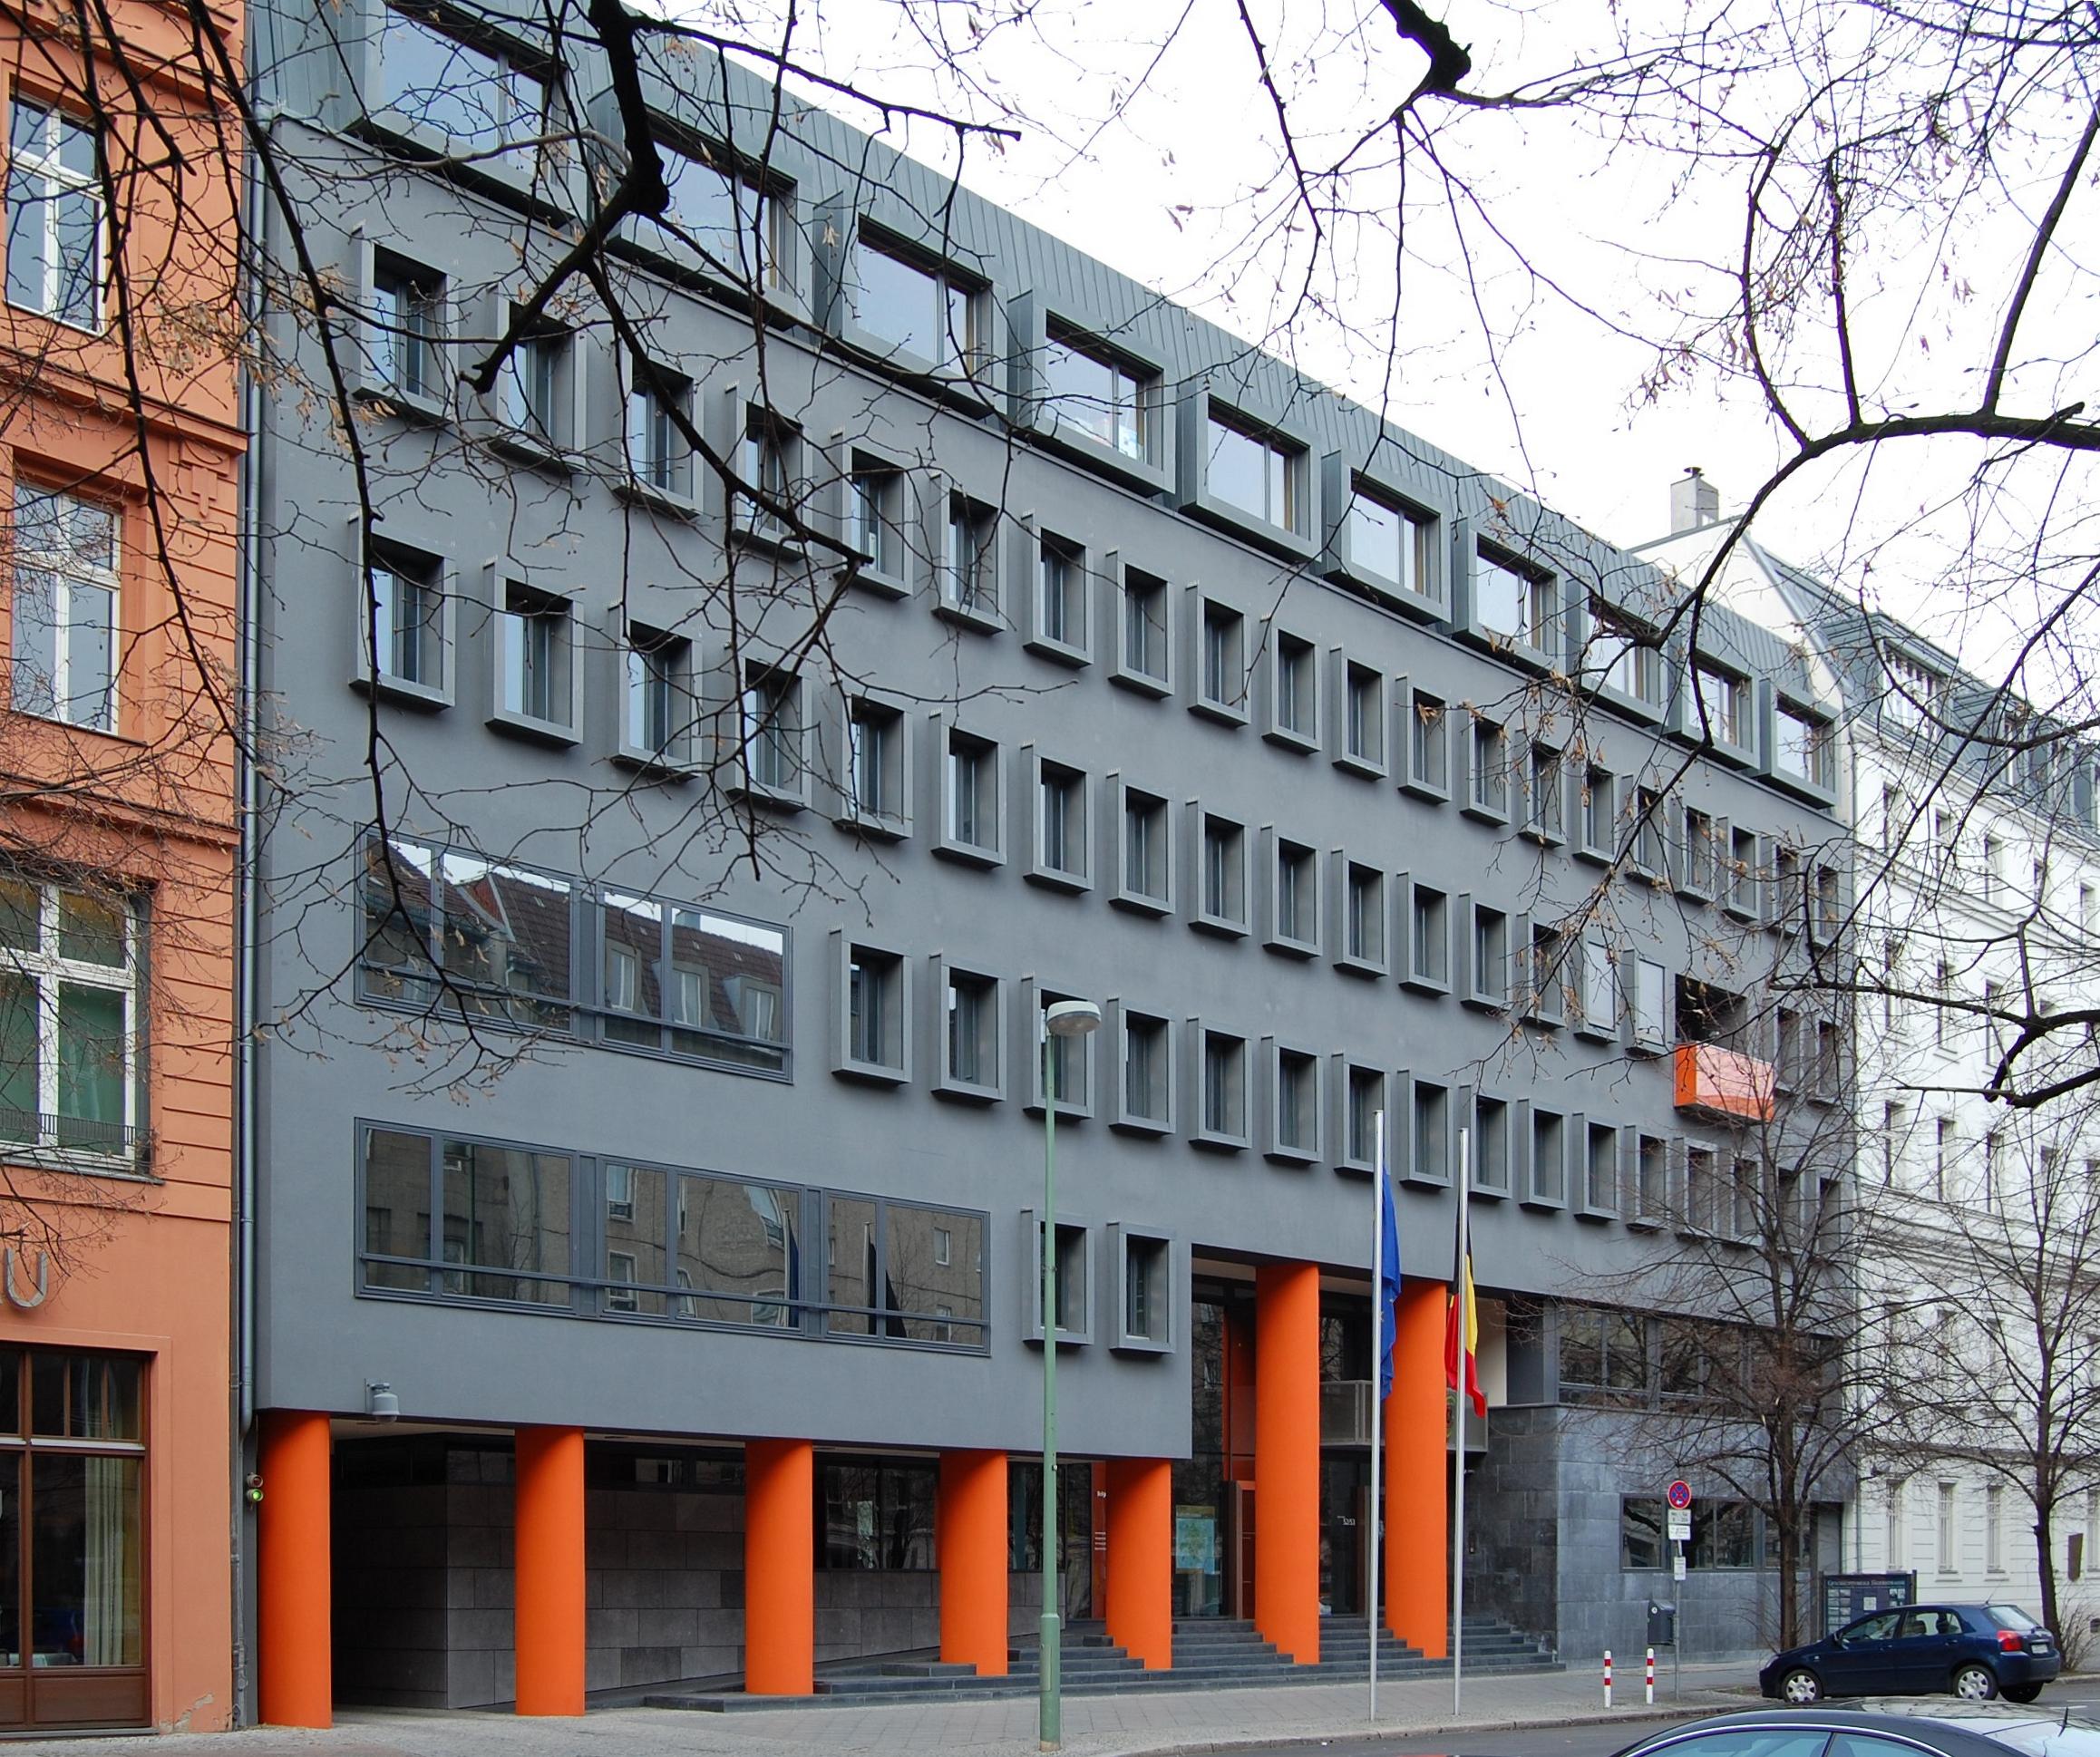 Sanierung von Plattenbauten [Archiv] - Deutsches Architektur-Forum